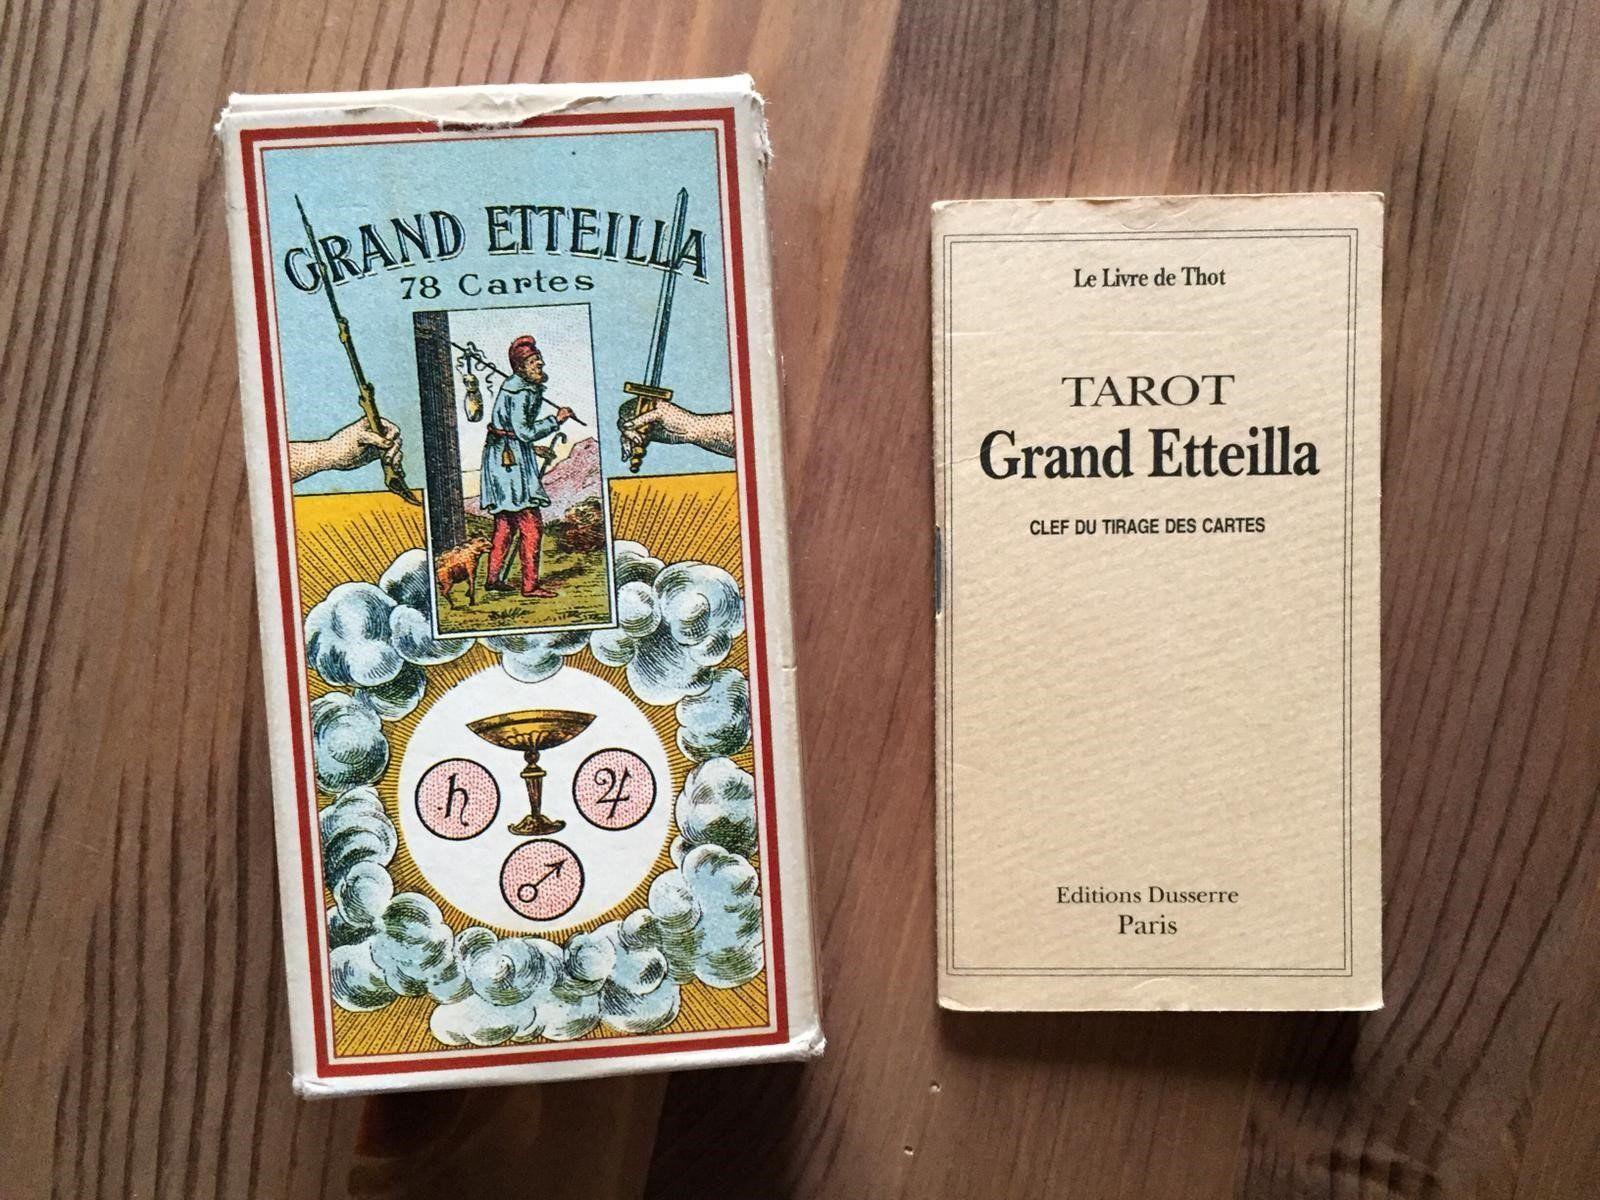 Rare Grand Etteilla Jeu De Tarot 78 Cartes Complet De La Boutique Frenchrendezvous Sur Etsy 78 Tarot Cards Cards Tarot